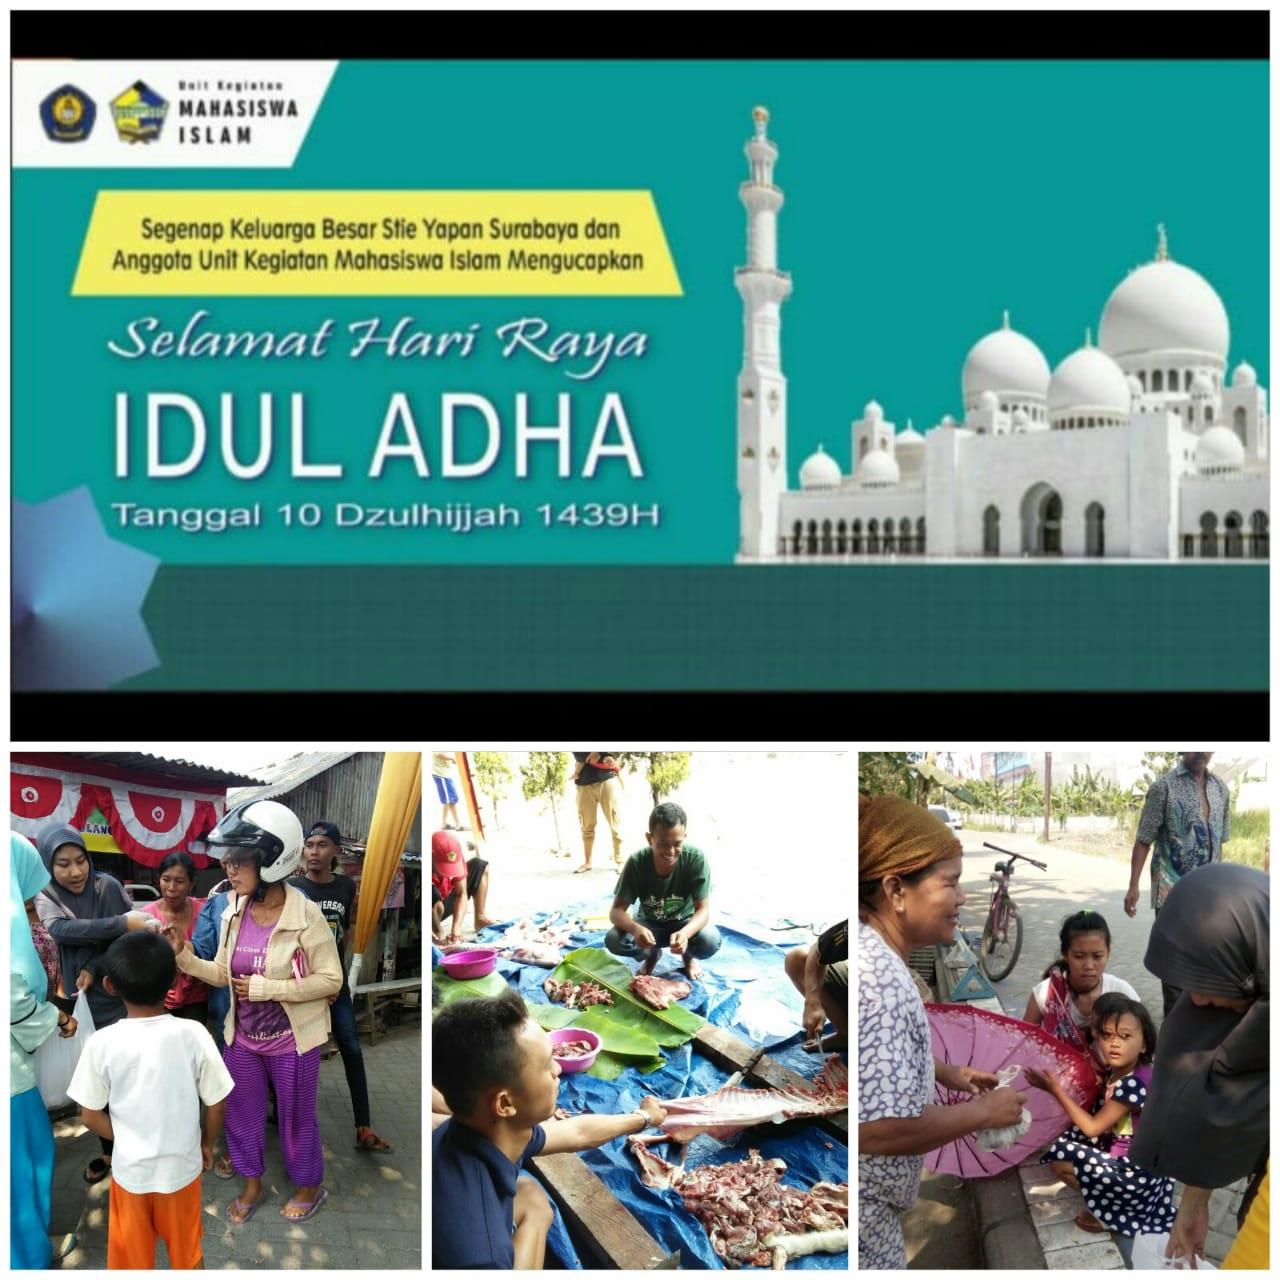 Mahasiswa UKMI STIE YAPAN Memperingati Hari Raya Idul Adha 2018